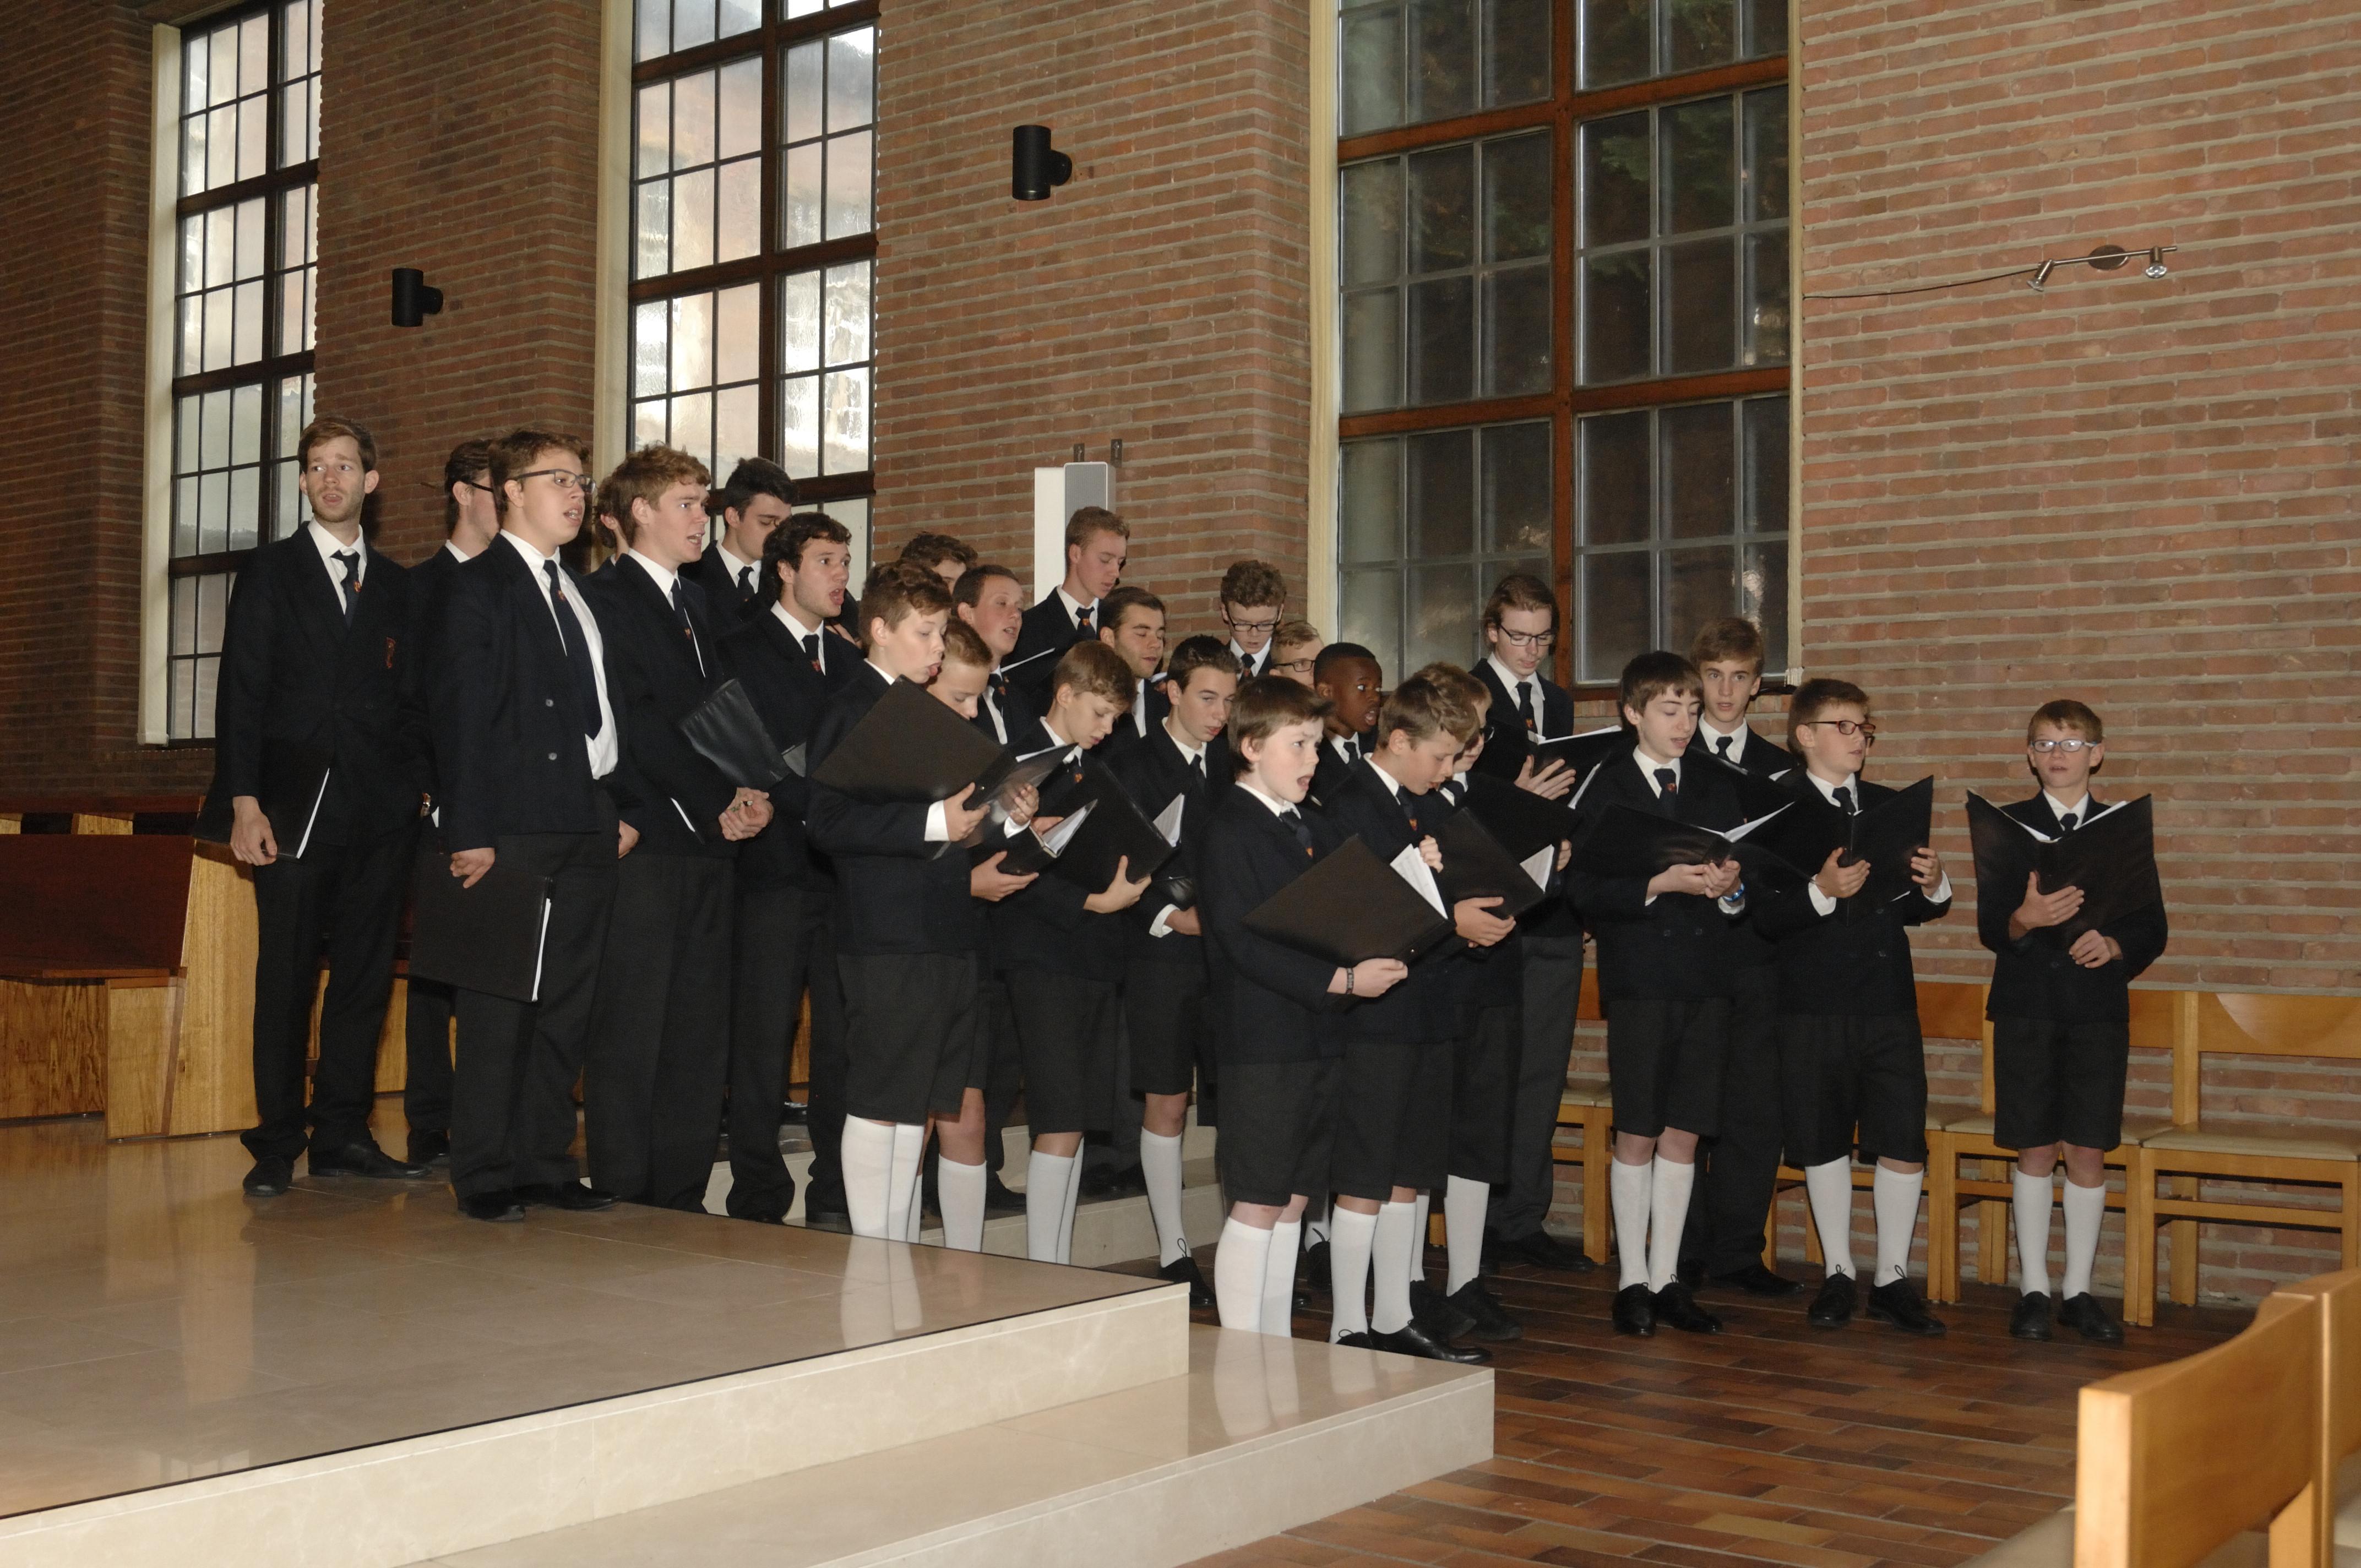 Opluisteren hoogmis op Kerstdag in de Sint-Baafskathedraal te Gent